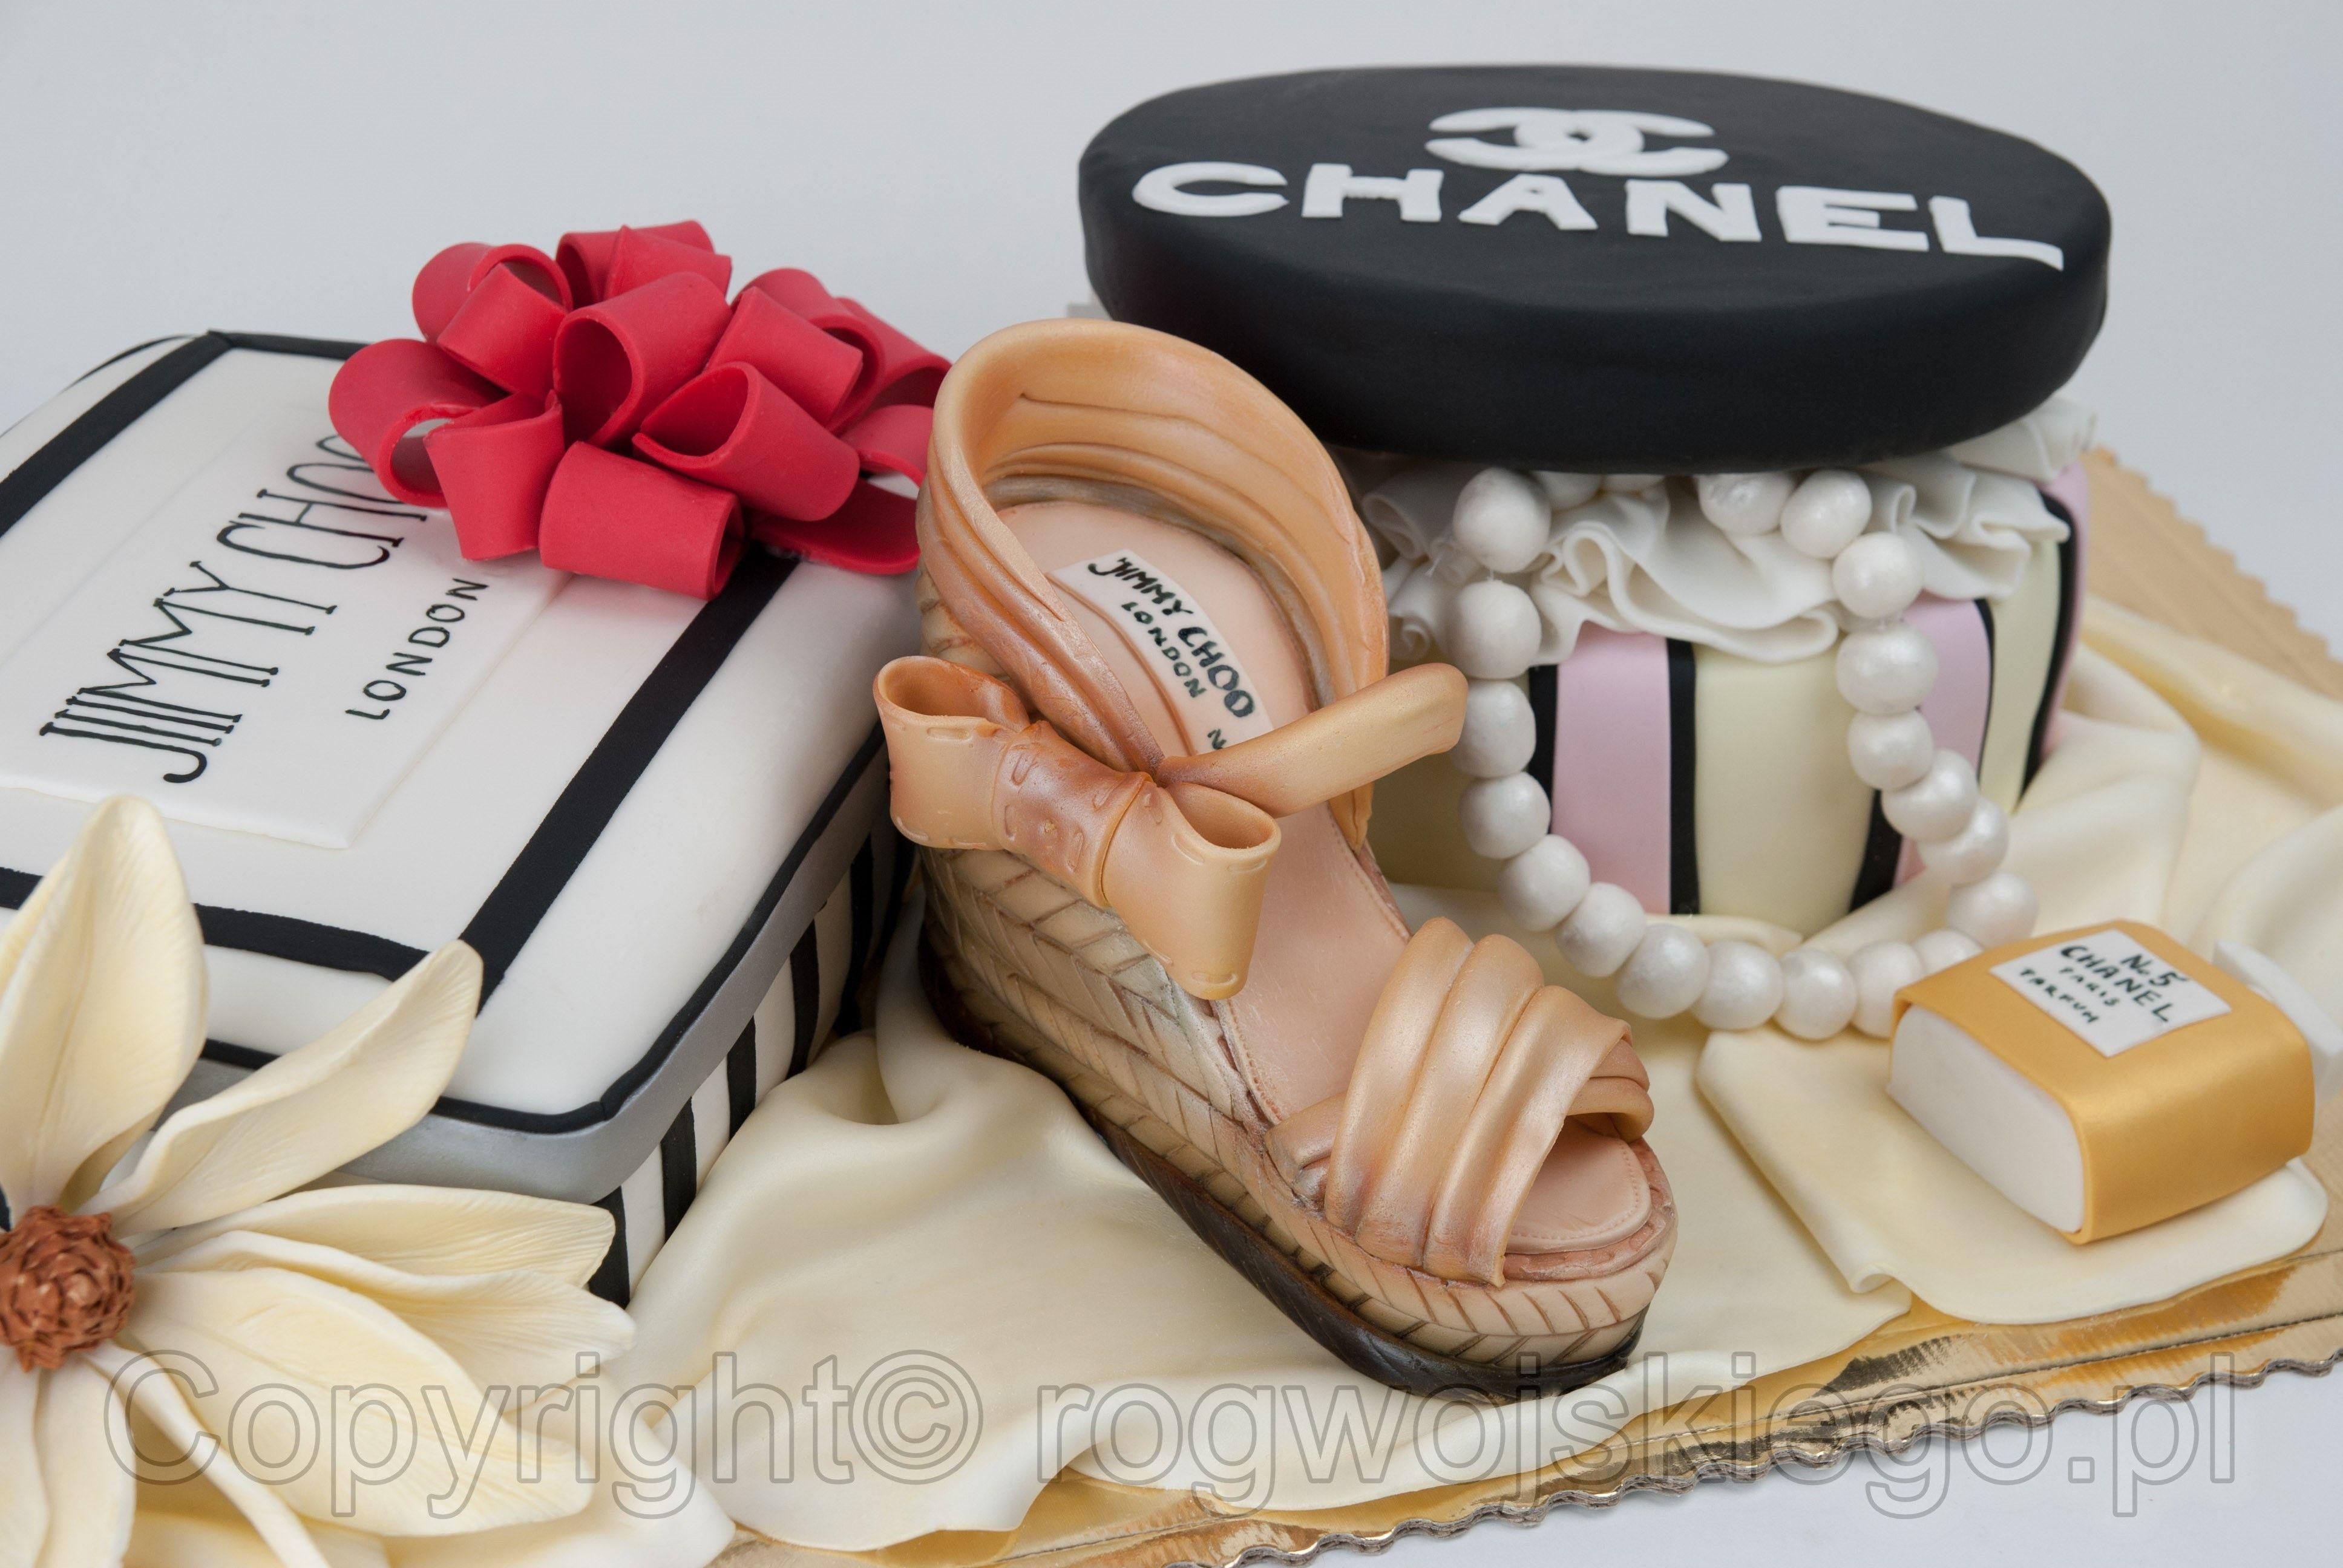 Tort Dla Zakupoholiczki Shopaholic Cake Tort Dla Kobiety Zakupy Szpilki Chanel Jimmy Choo Www Rogwojskiego Pl Unique Cakes Cake Cake Shop